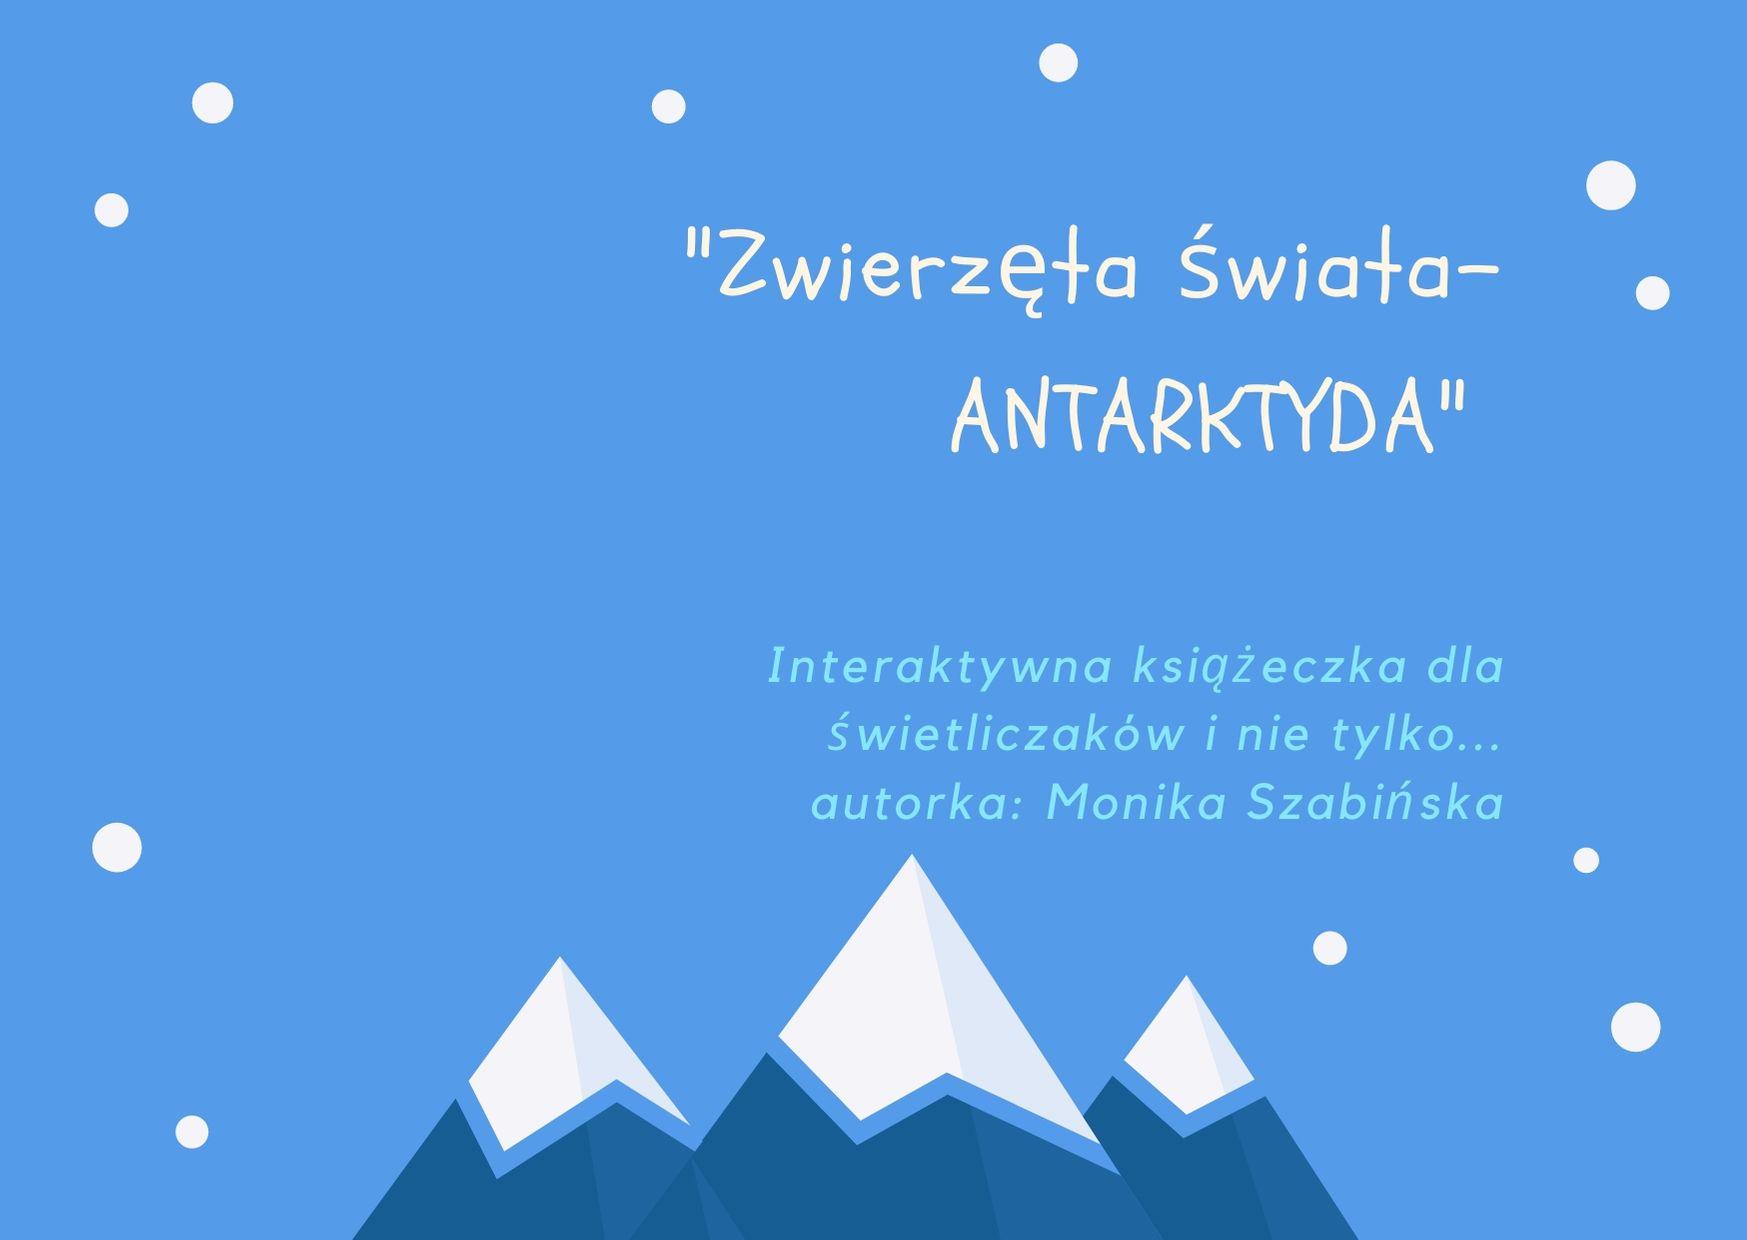 Zwierzęta świata - Antarktyda